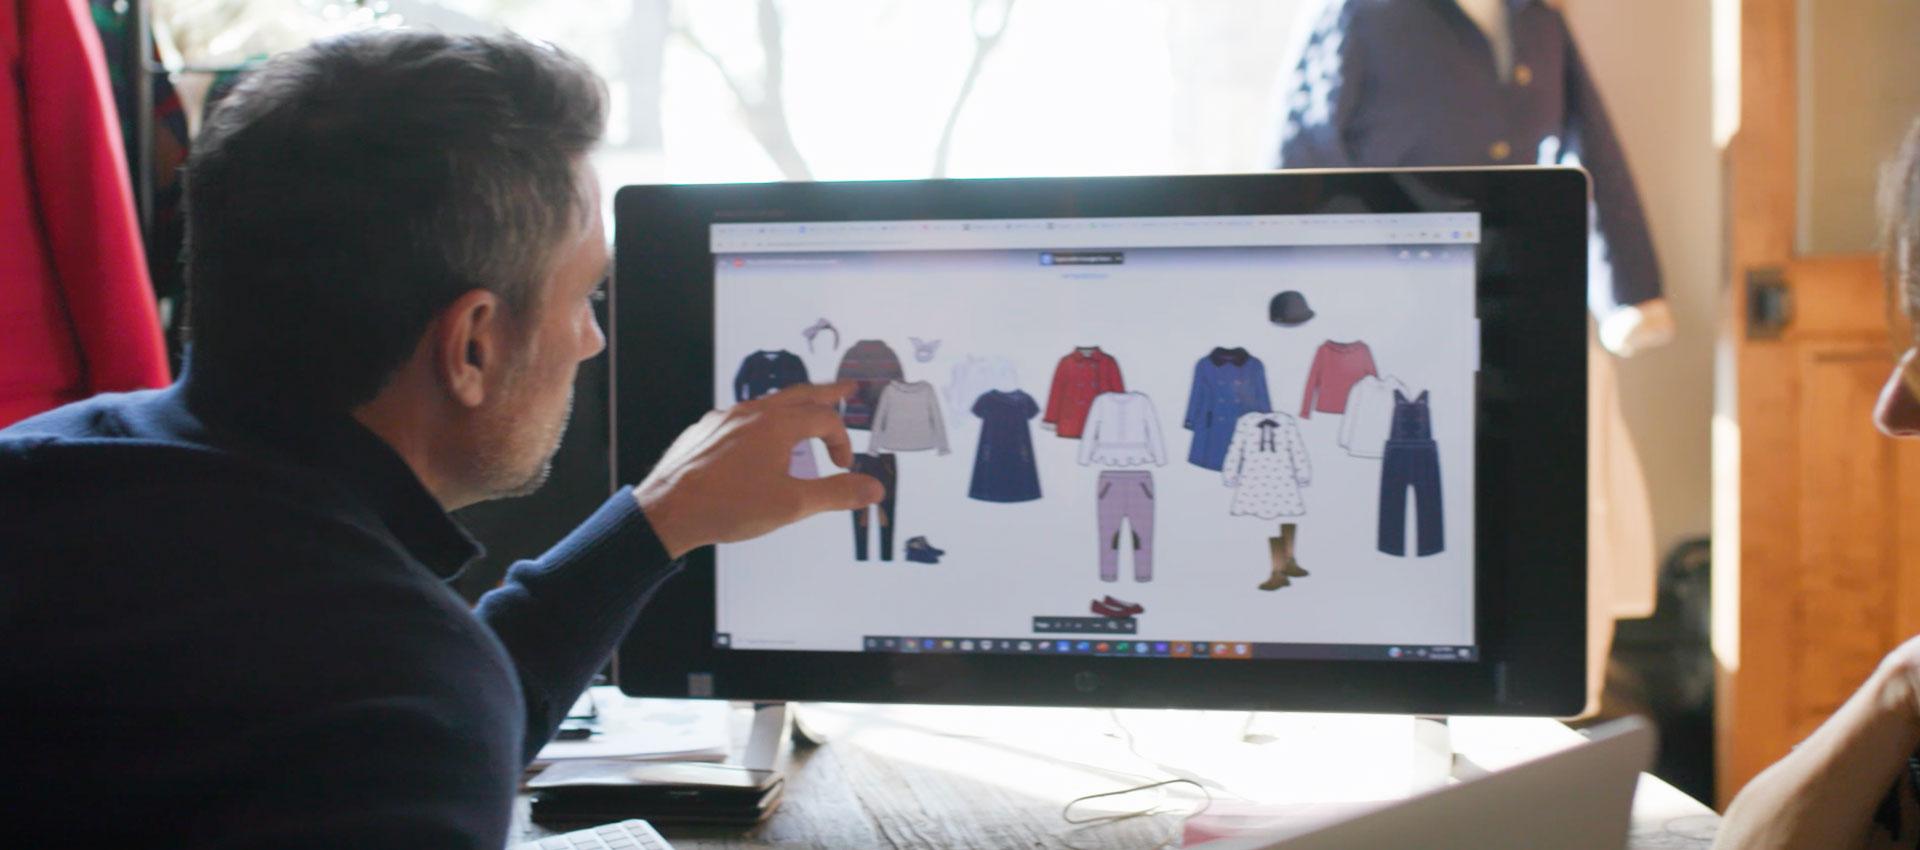 Ein Mann sieht sich Modeentwürfe auf einem Computer an